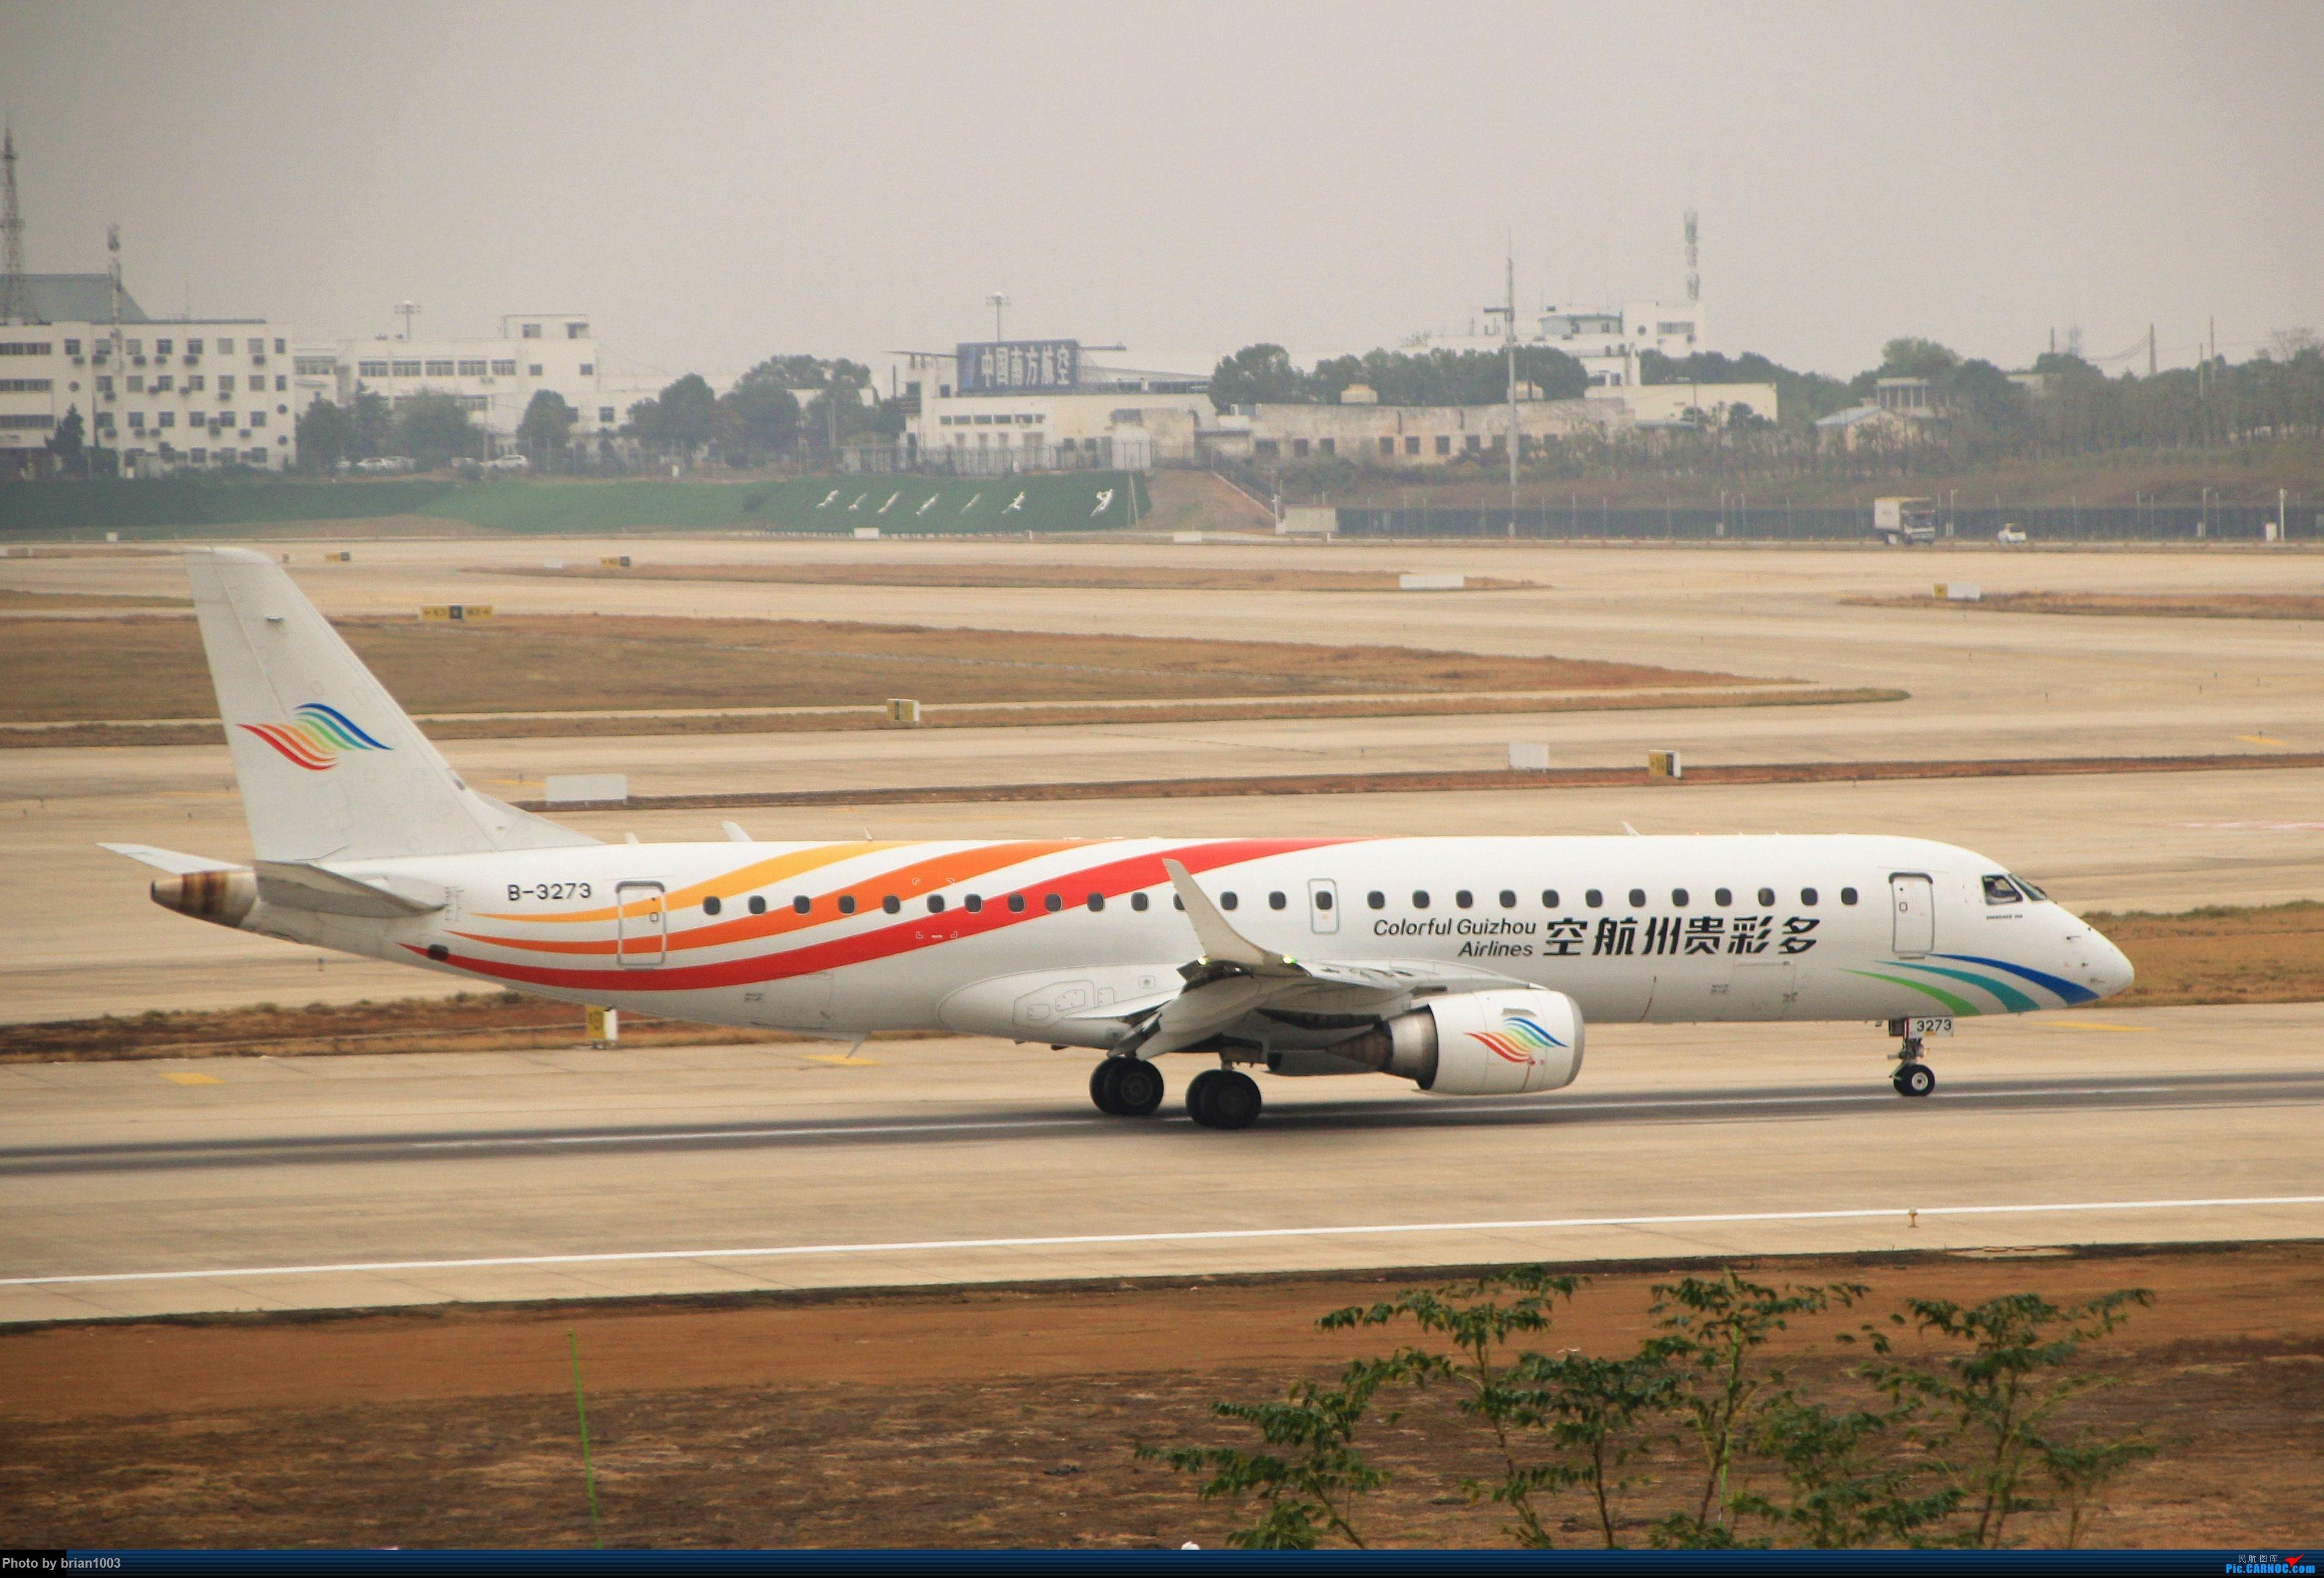 Re:[原创]WUH武汉天河机场拍机之精彩满满的十月(还可能更新) EMBRAER E-190 B-3273 中国武汉天河国际机场